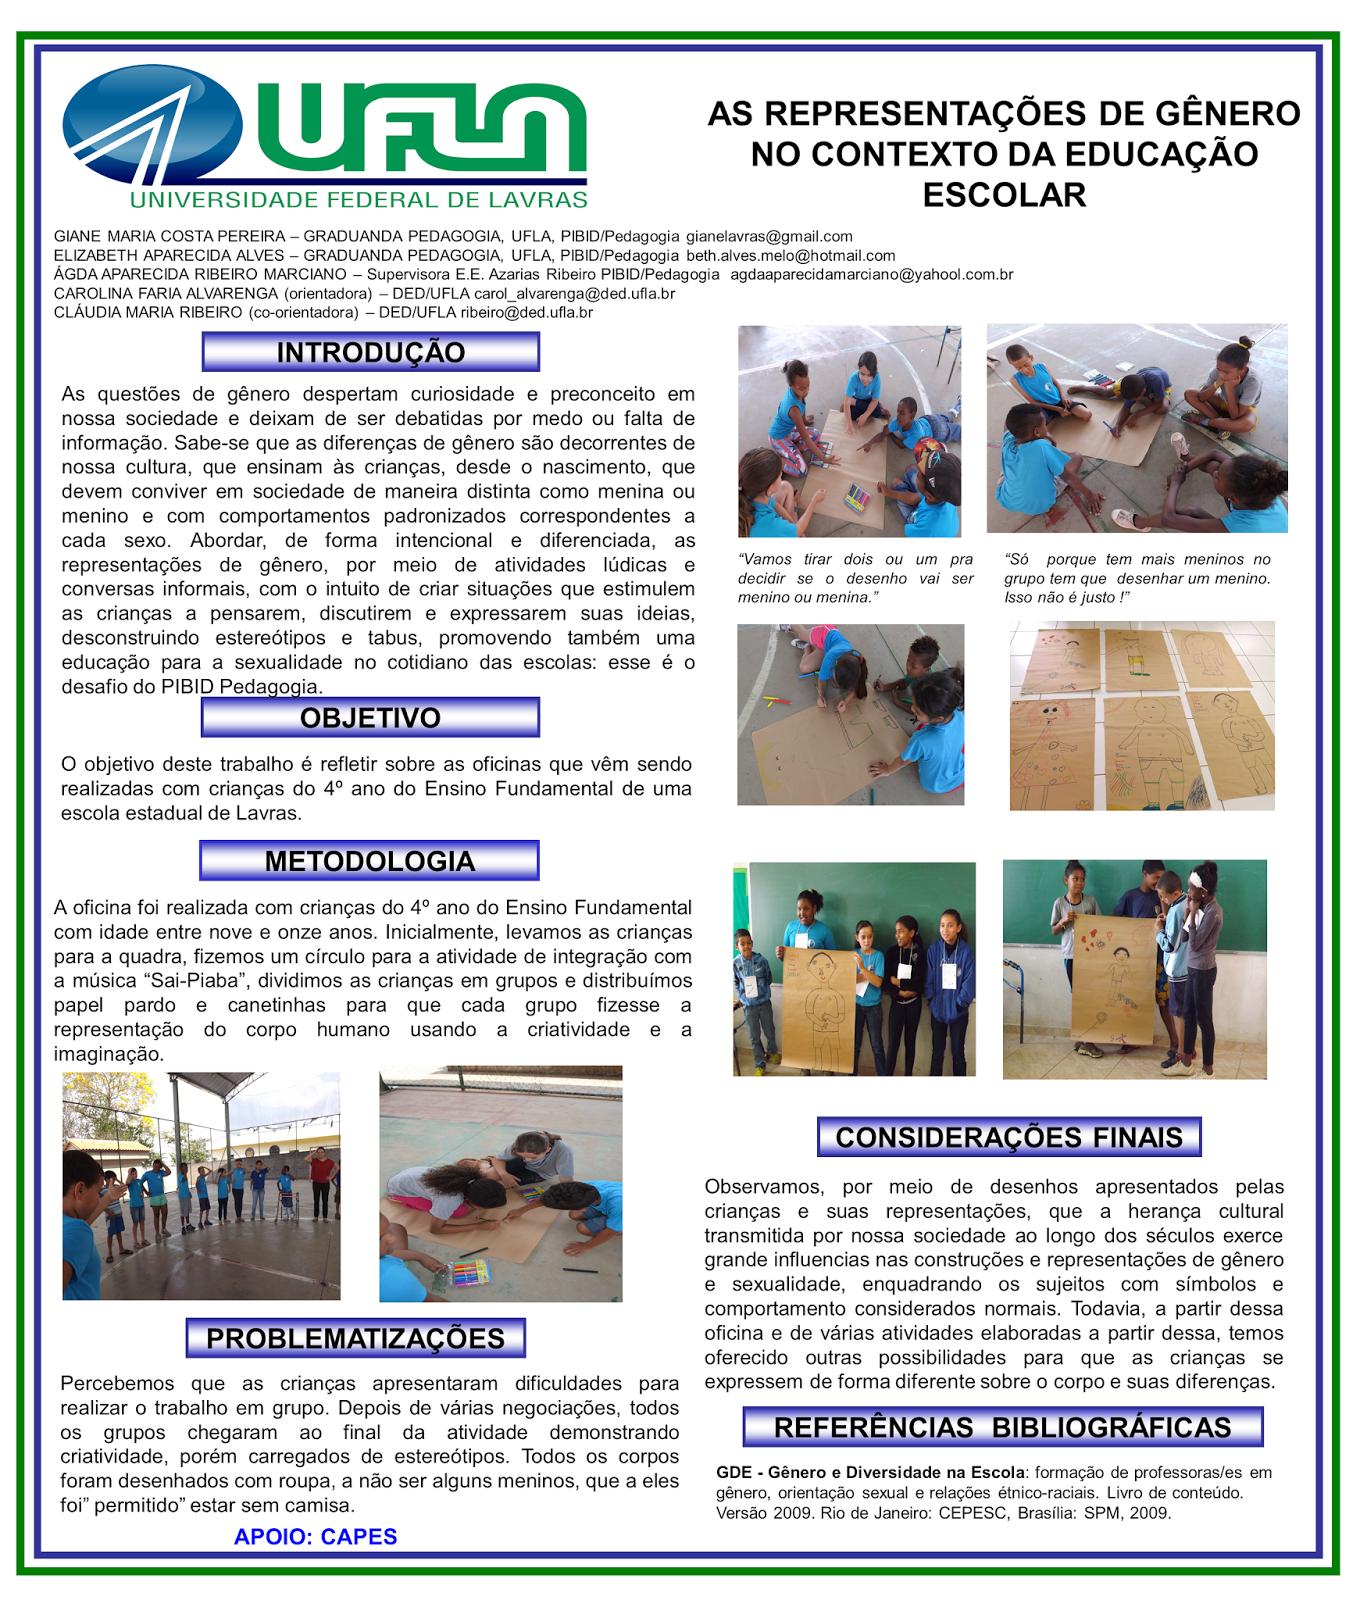 AS REPRESENTAÇÕES DE GÊNERO NO CONTEXTO DA EDUCAÇÃO ESCOLAR